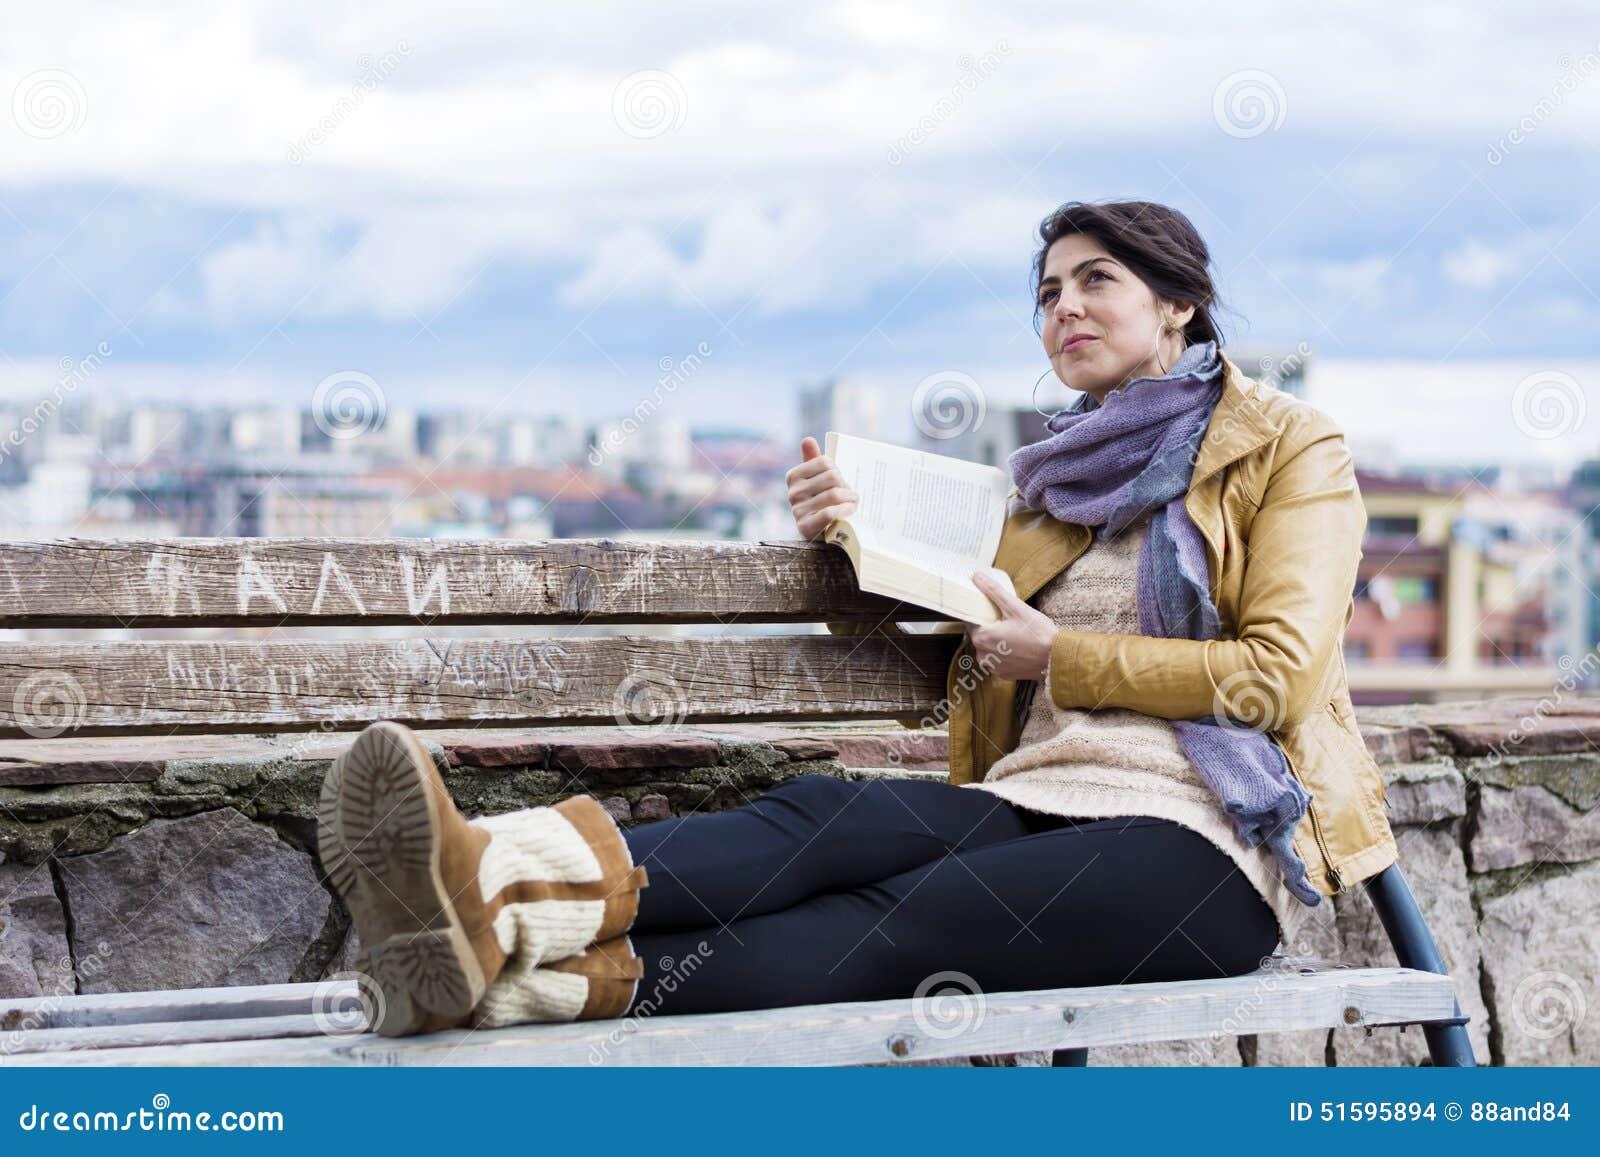 336f21910 Mujer Joven Que Lee Un Libro En Un Fondo Del Paisaje Urbano Foto de ...